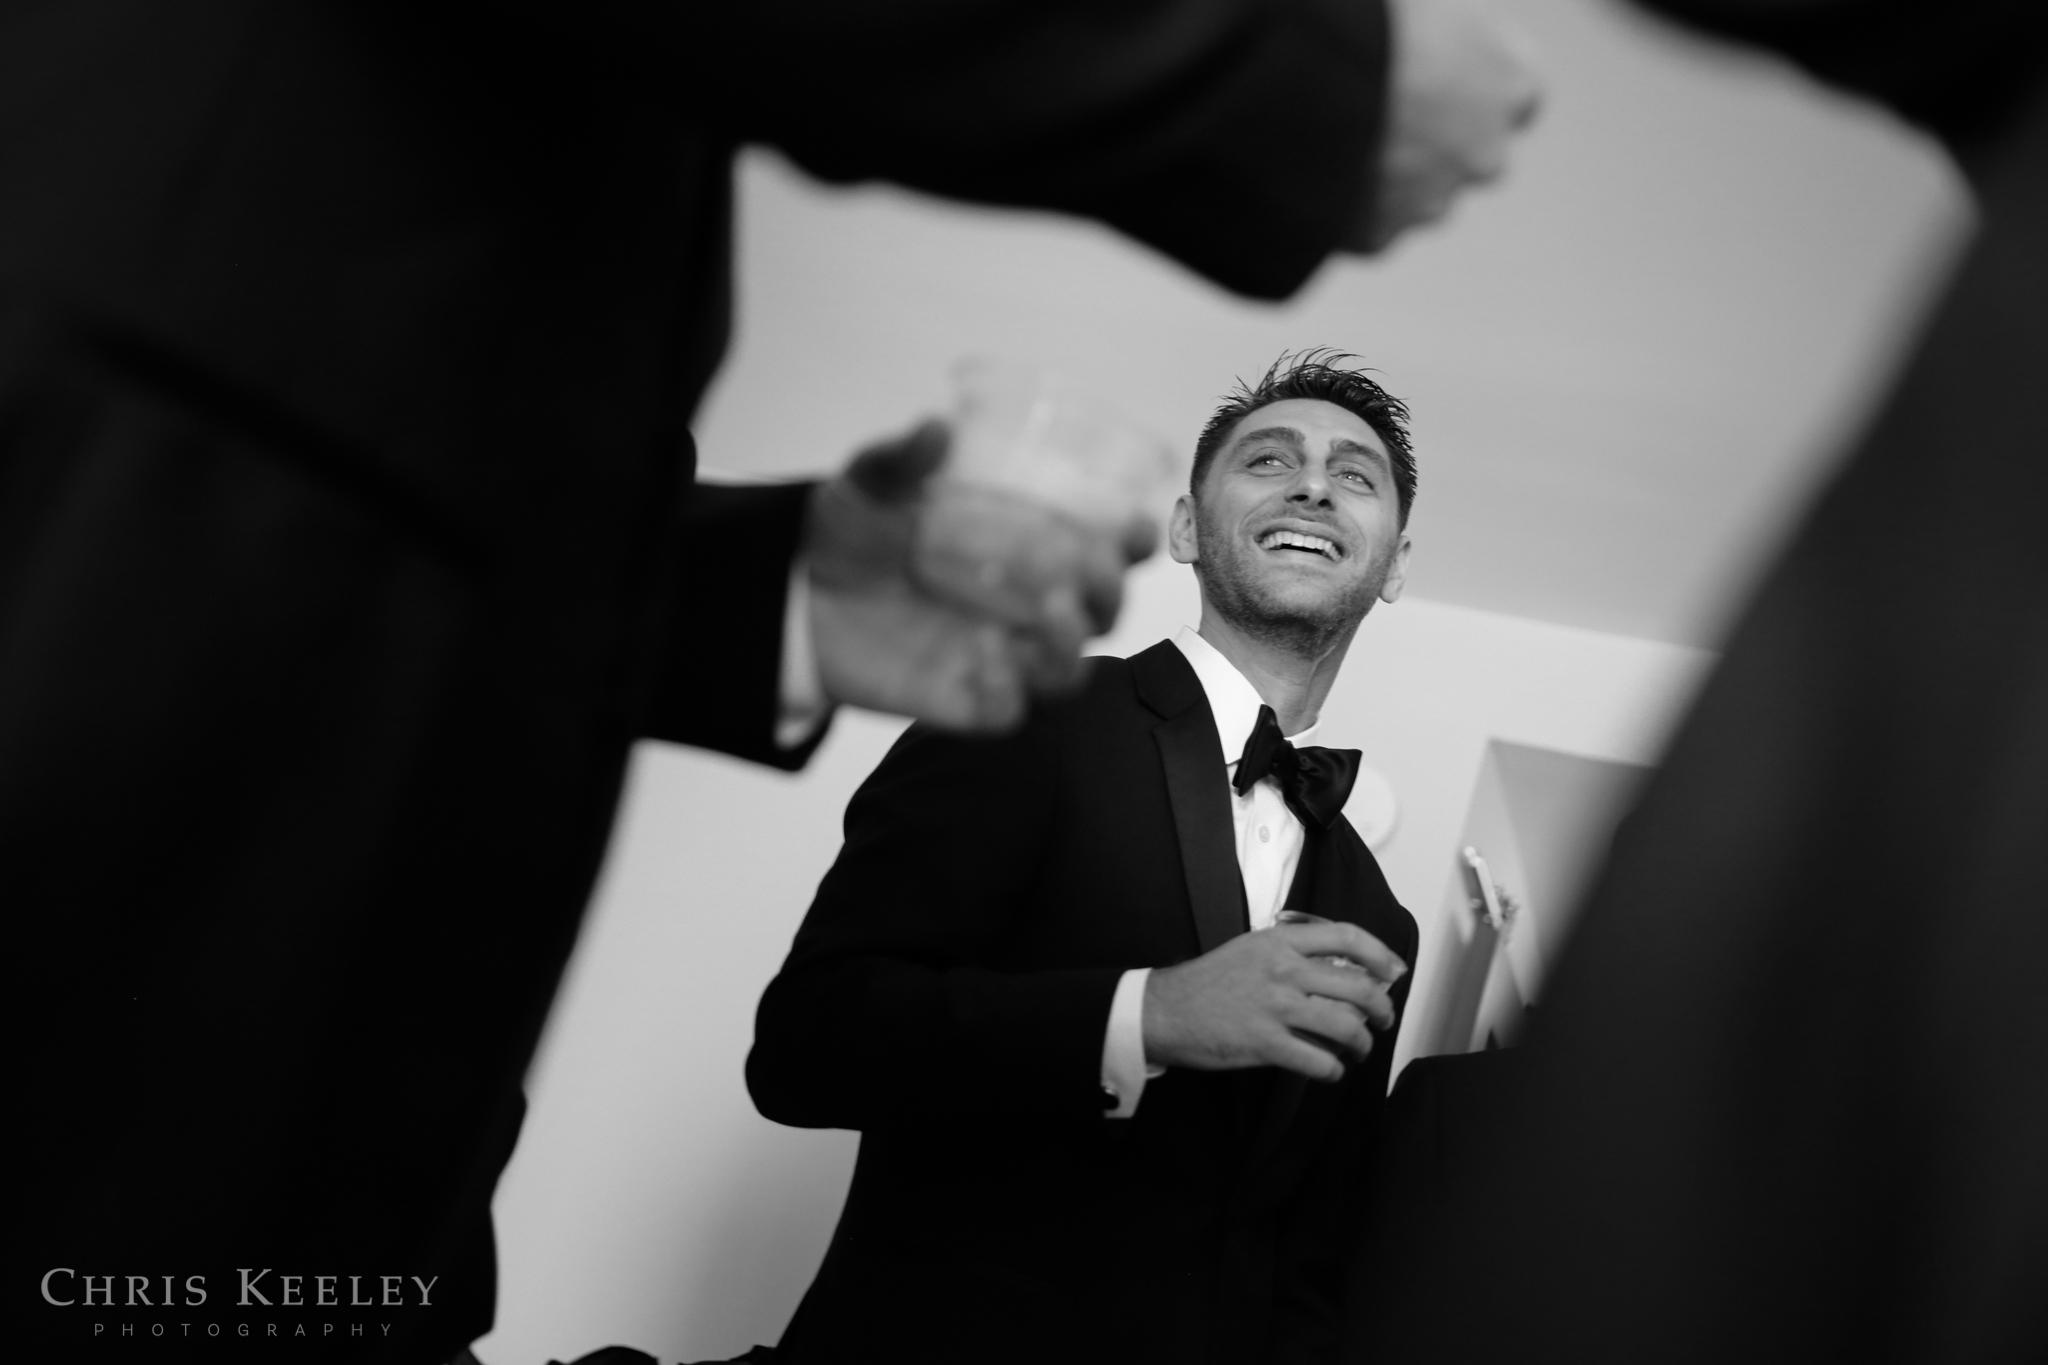 cliff-house-maine-wedding-photographer-chris-keeley-09.jpg